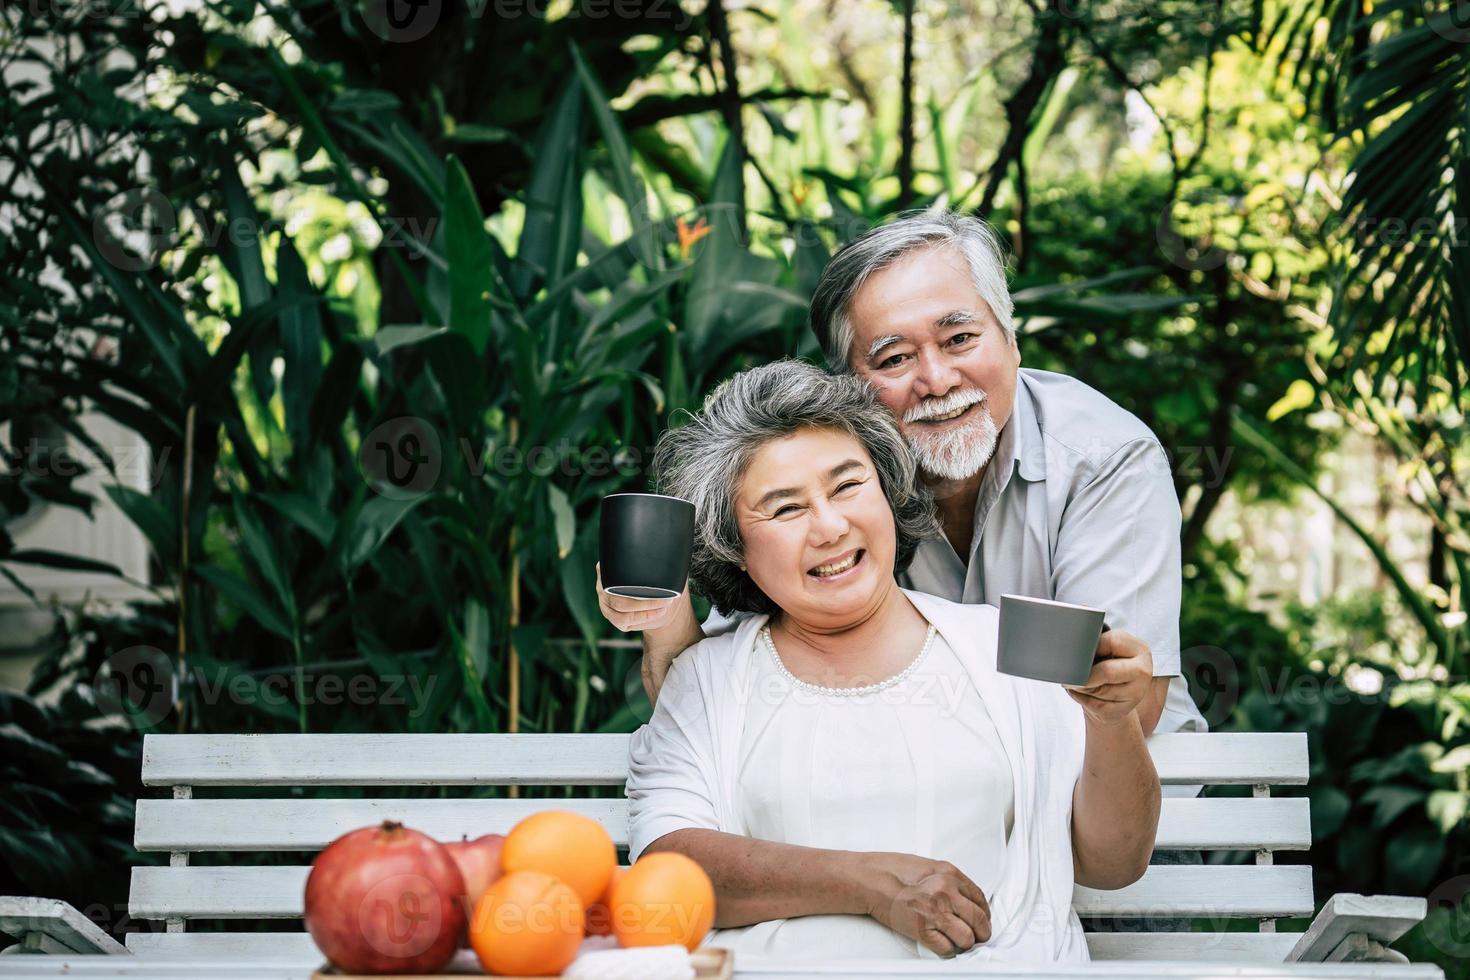 pareja de ancianos sentados y comiendo fruta foto